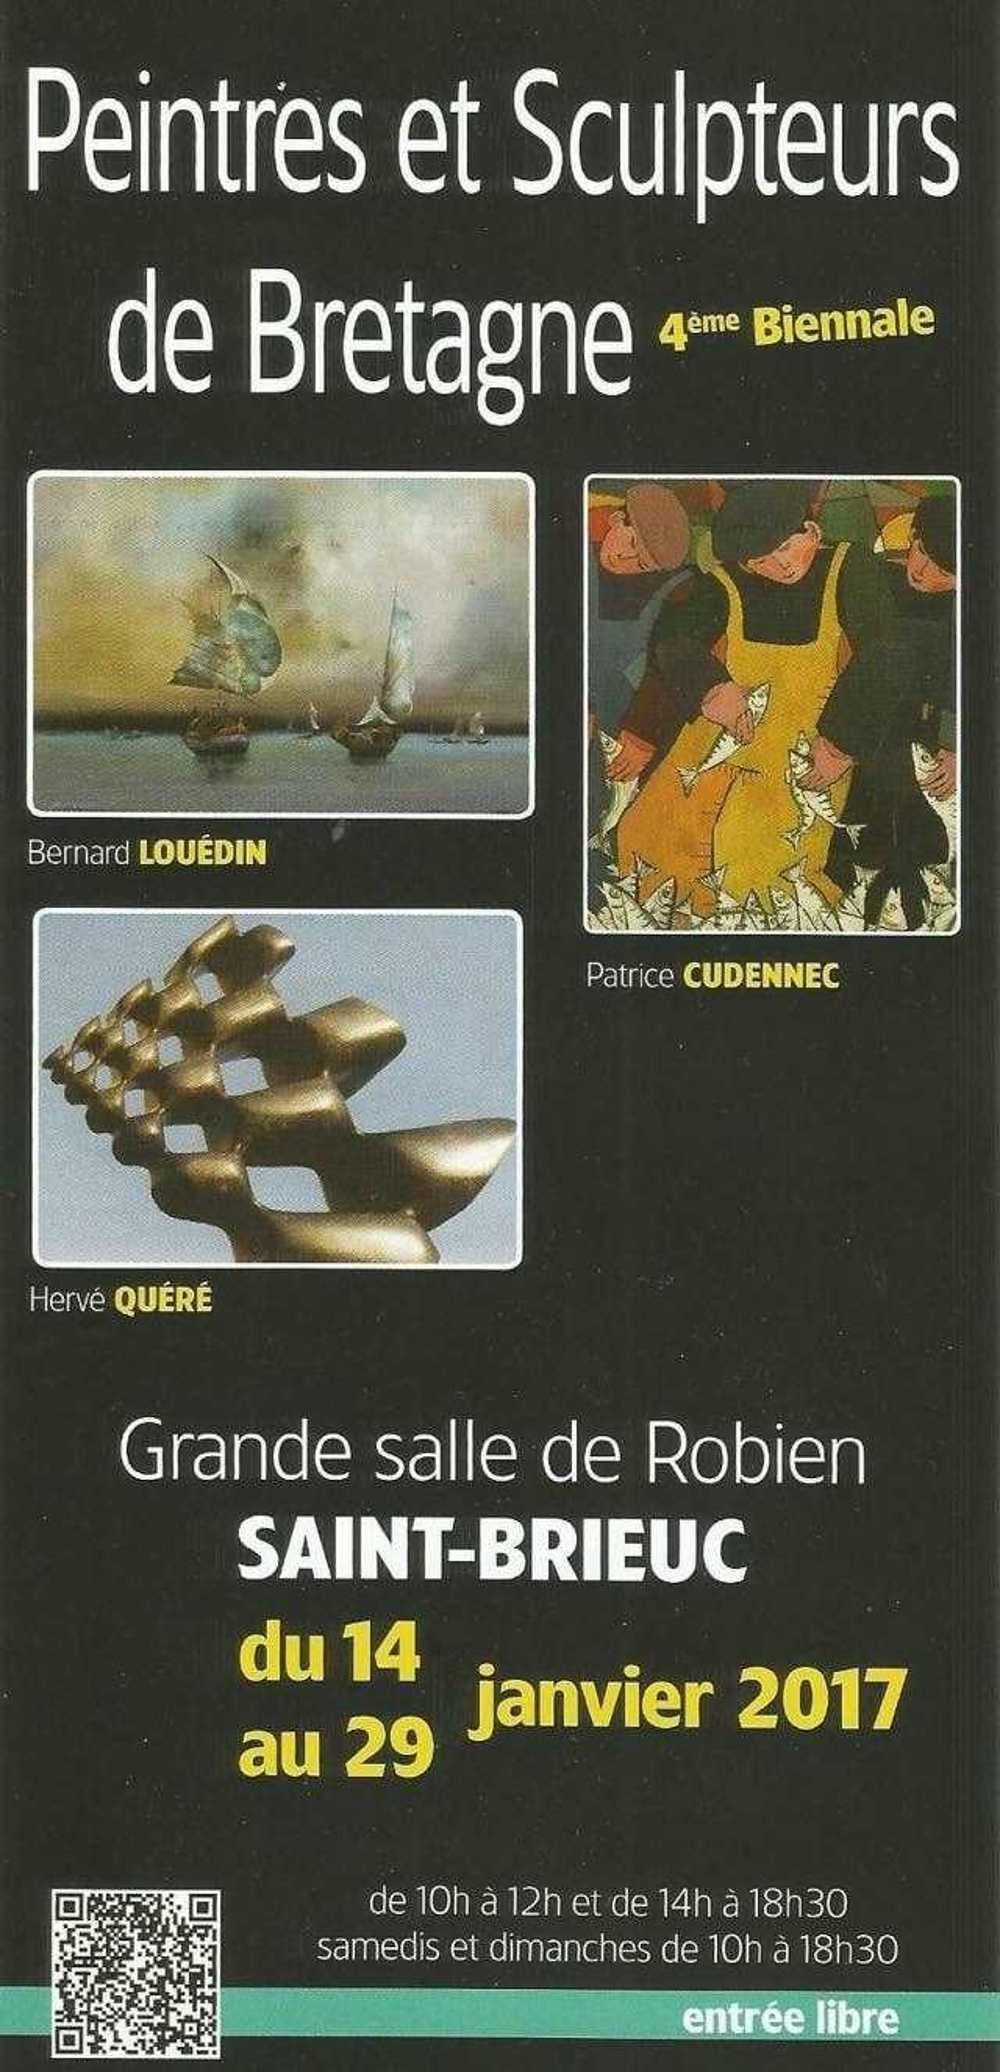 4ième biennale , peintres et sculpteurs de Bretagne p4biennale